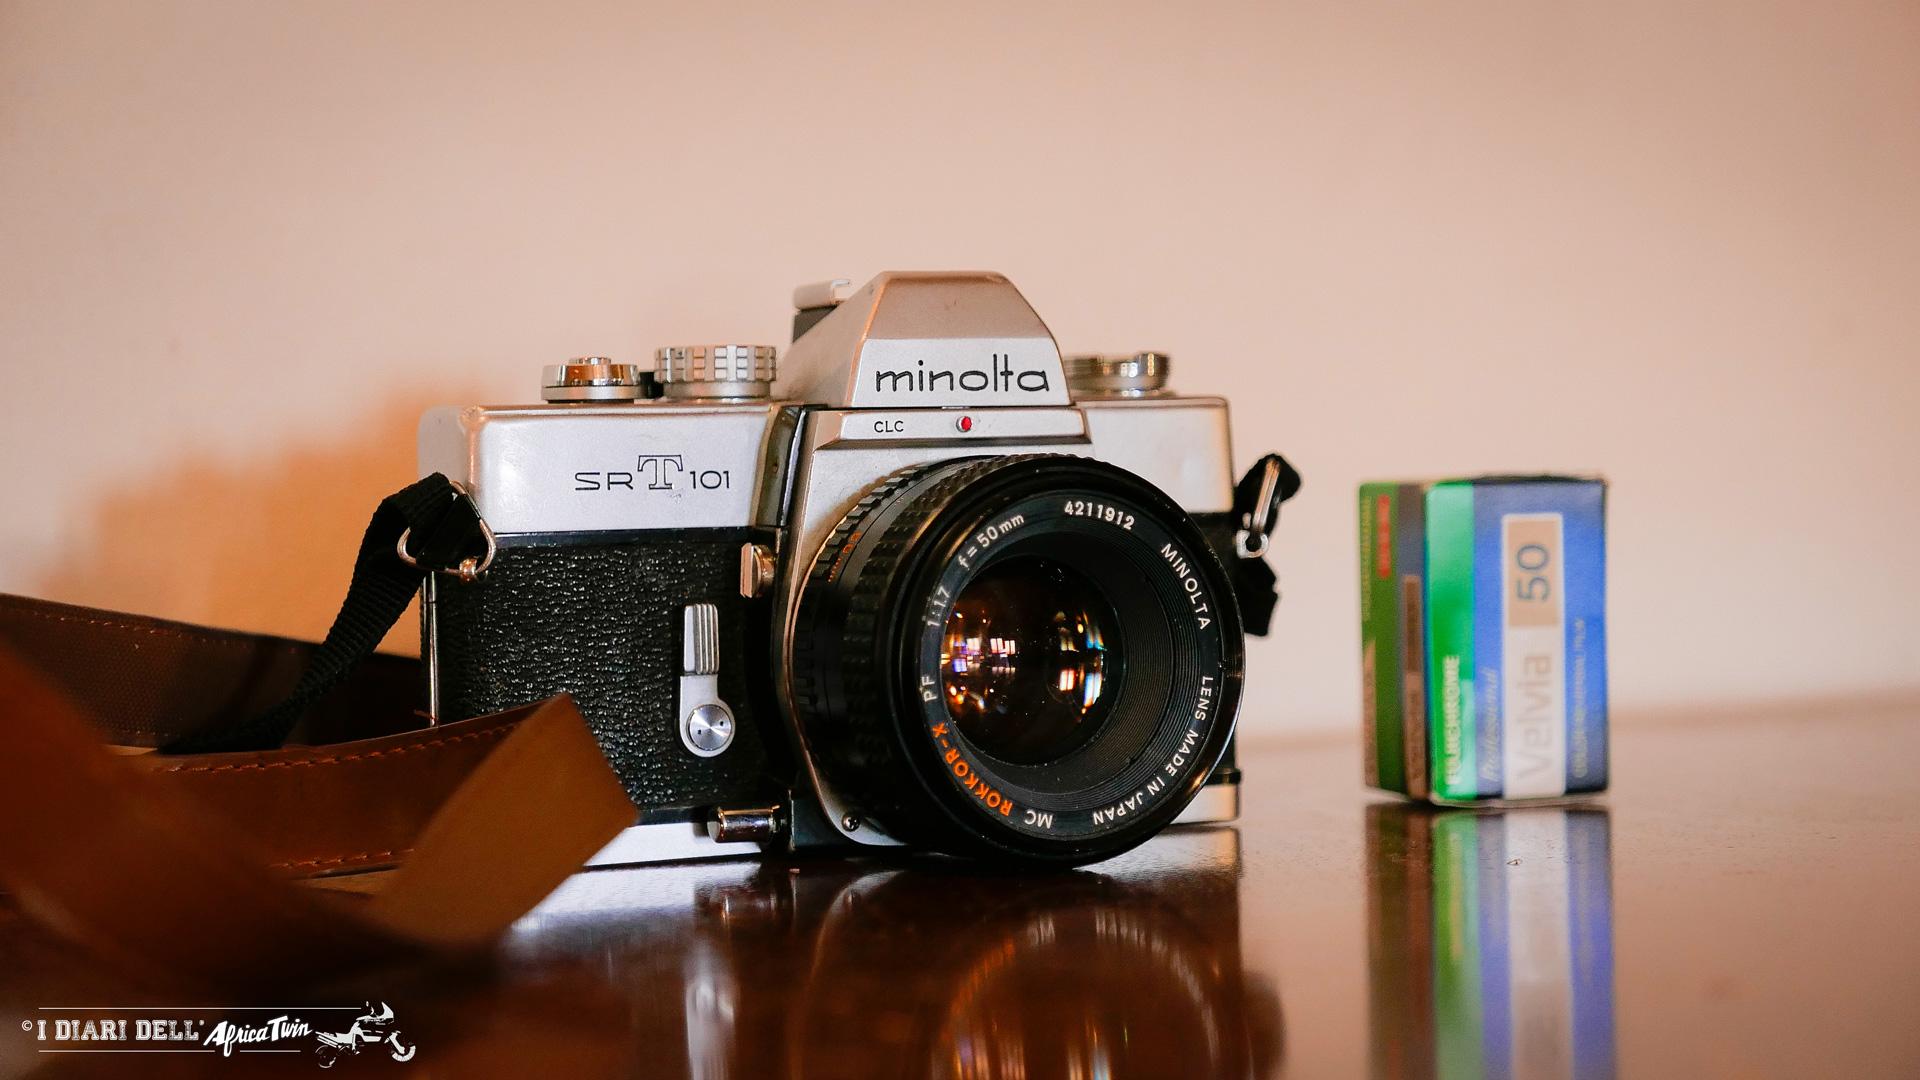 attrezzatura foto e video per viaggi in moto reflex analogica